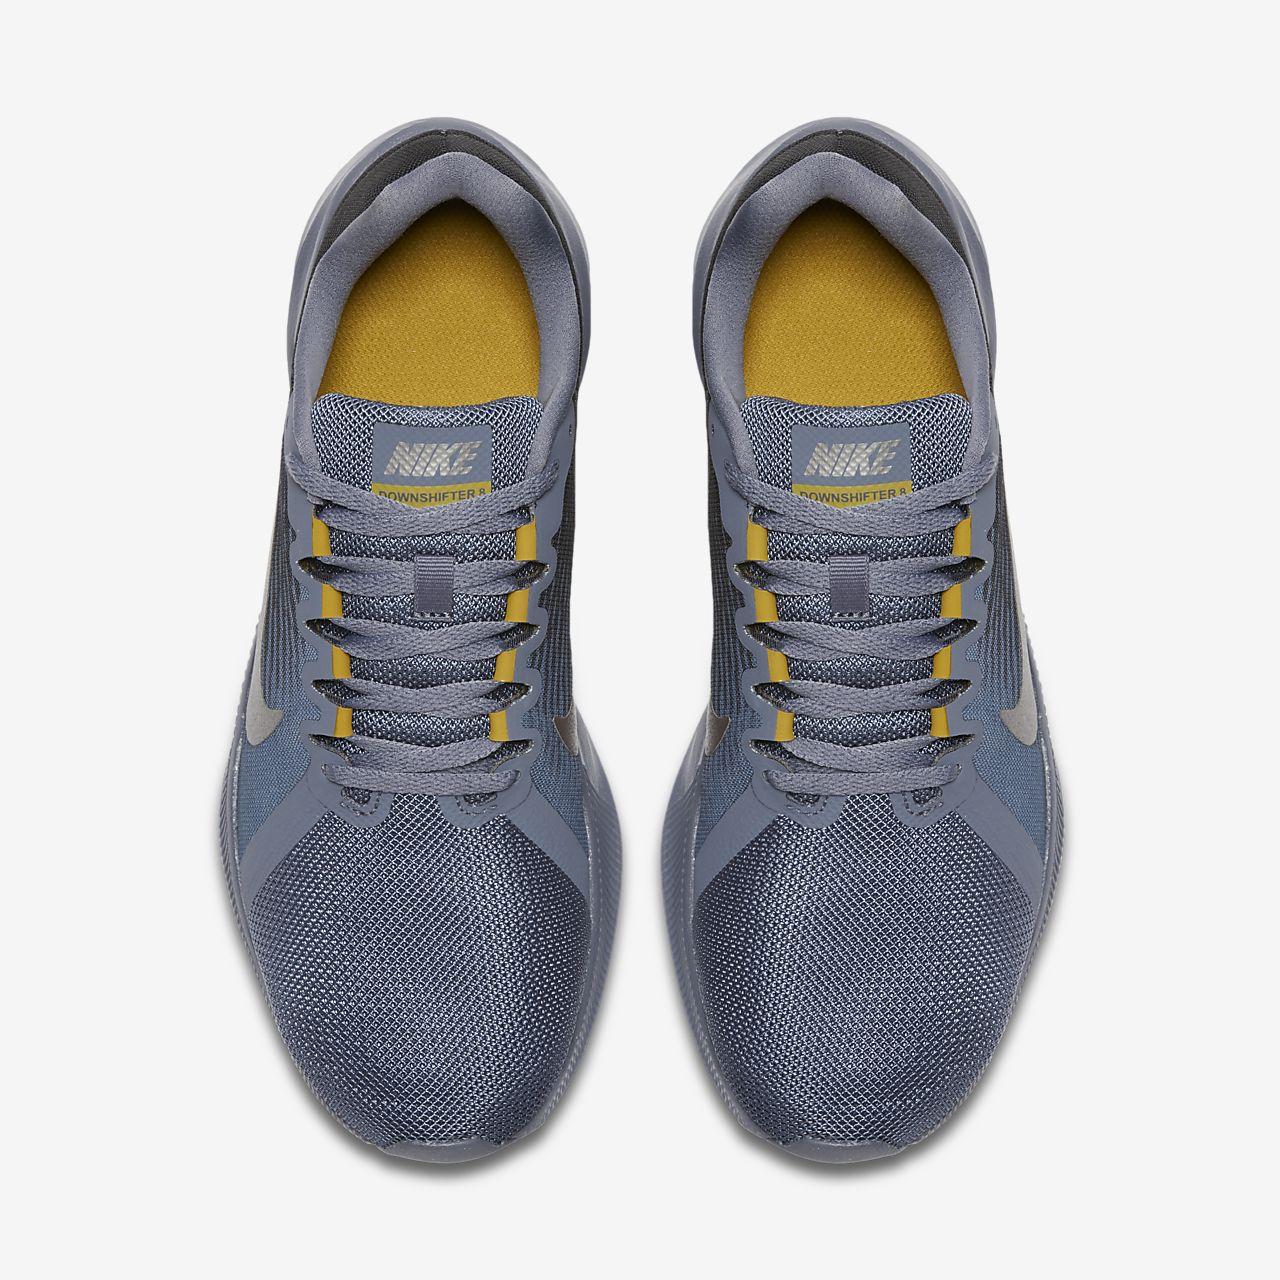 bf9afac1dfc Nike Downshifter 8 Men s Running Shoe. Nike.com GB